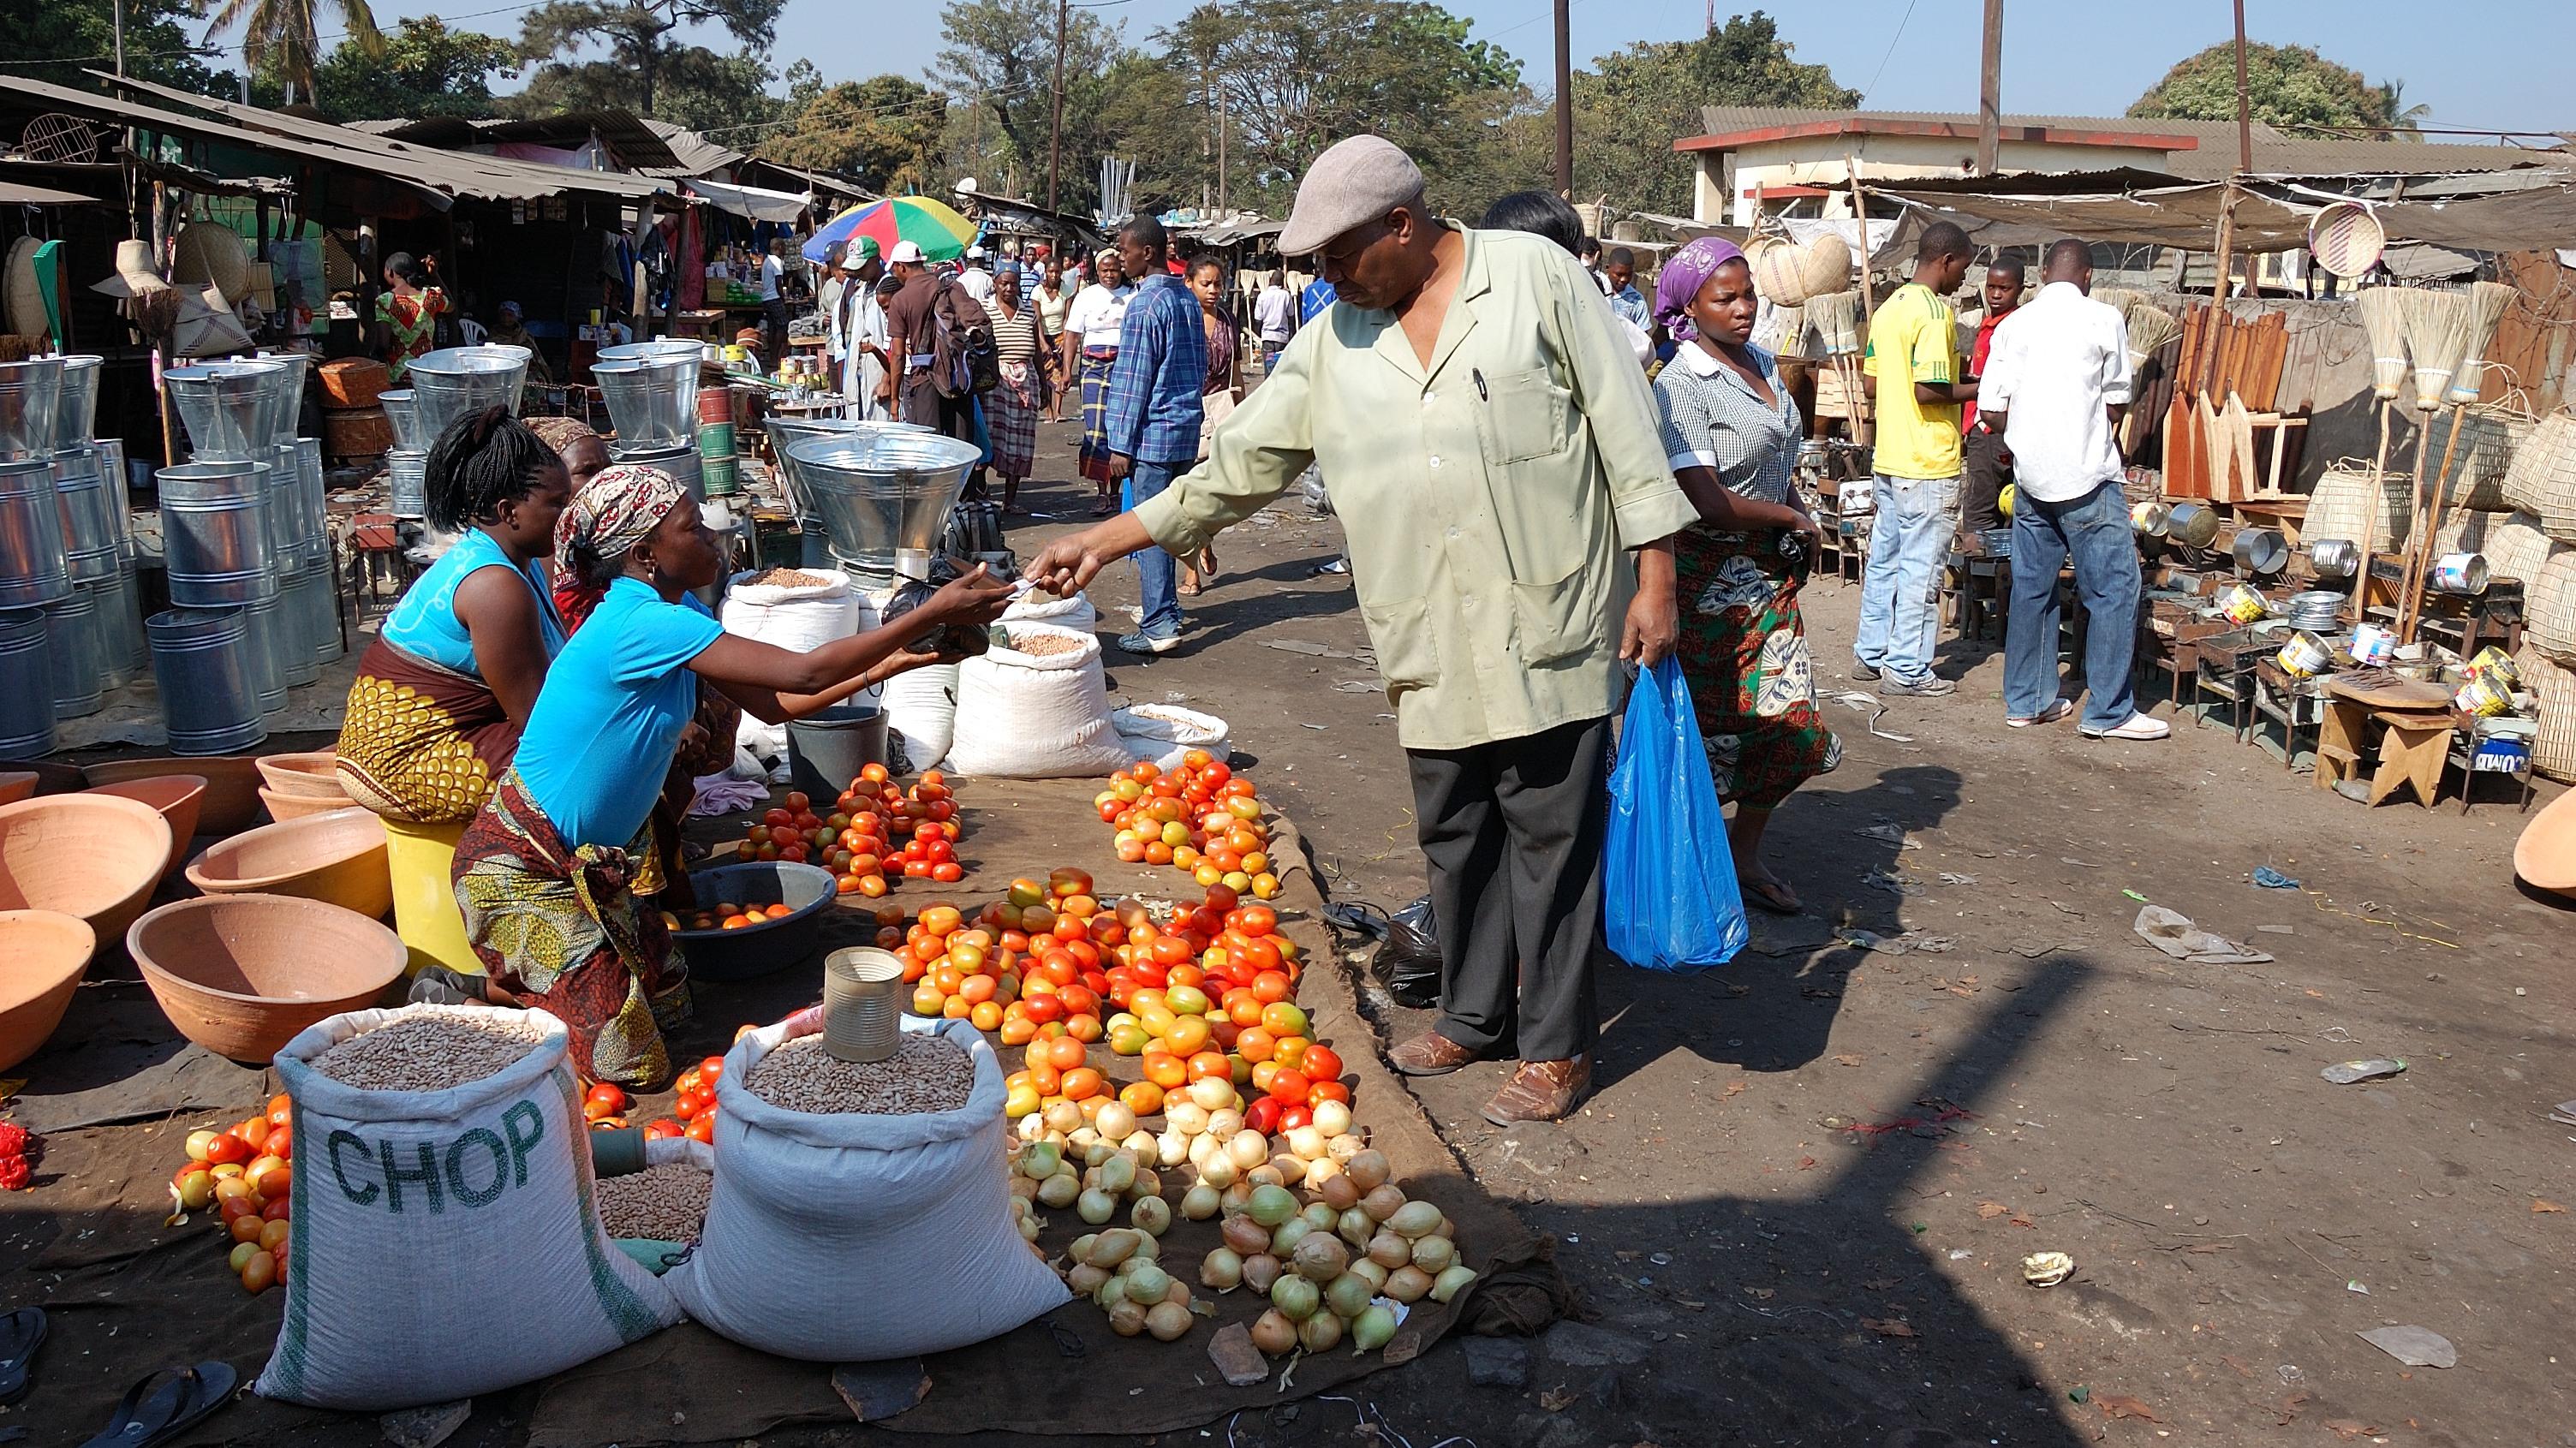 un homme achète des fruits et légumes dans les rues du marché à Maputo